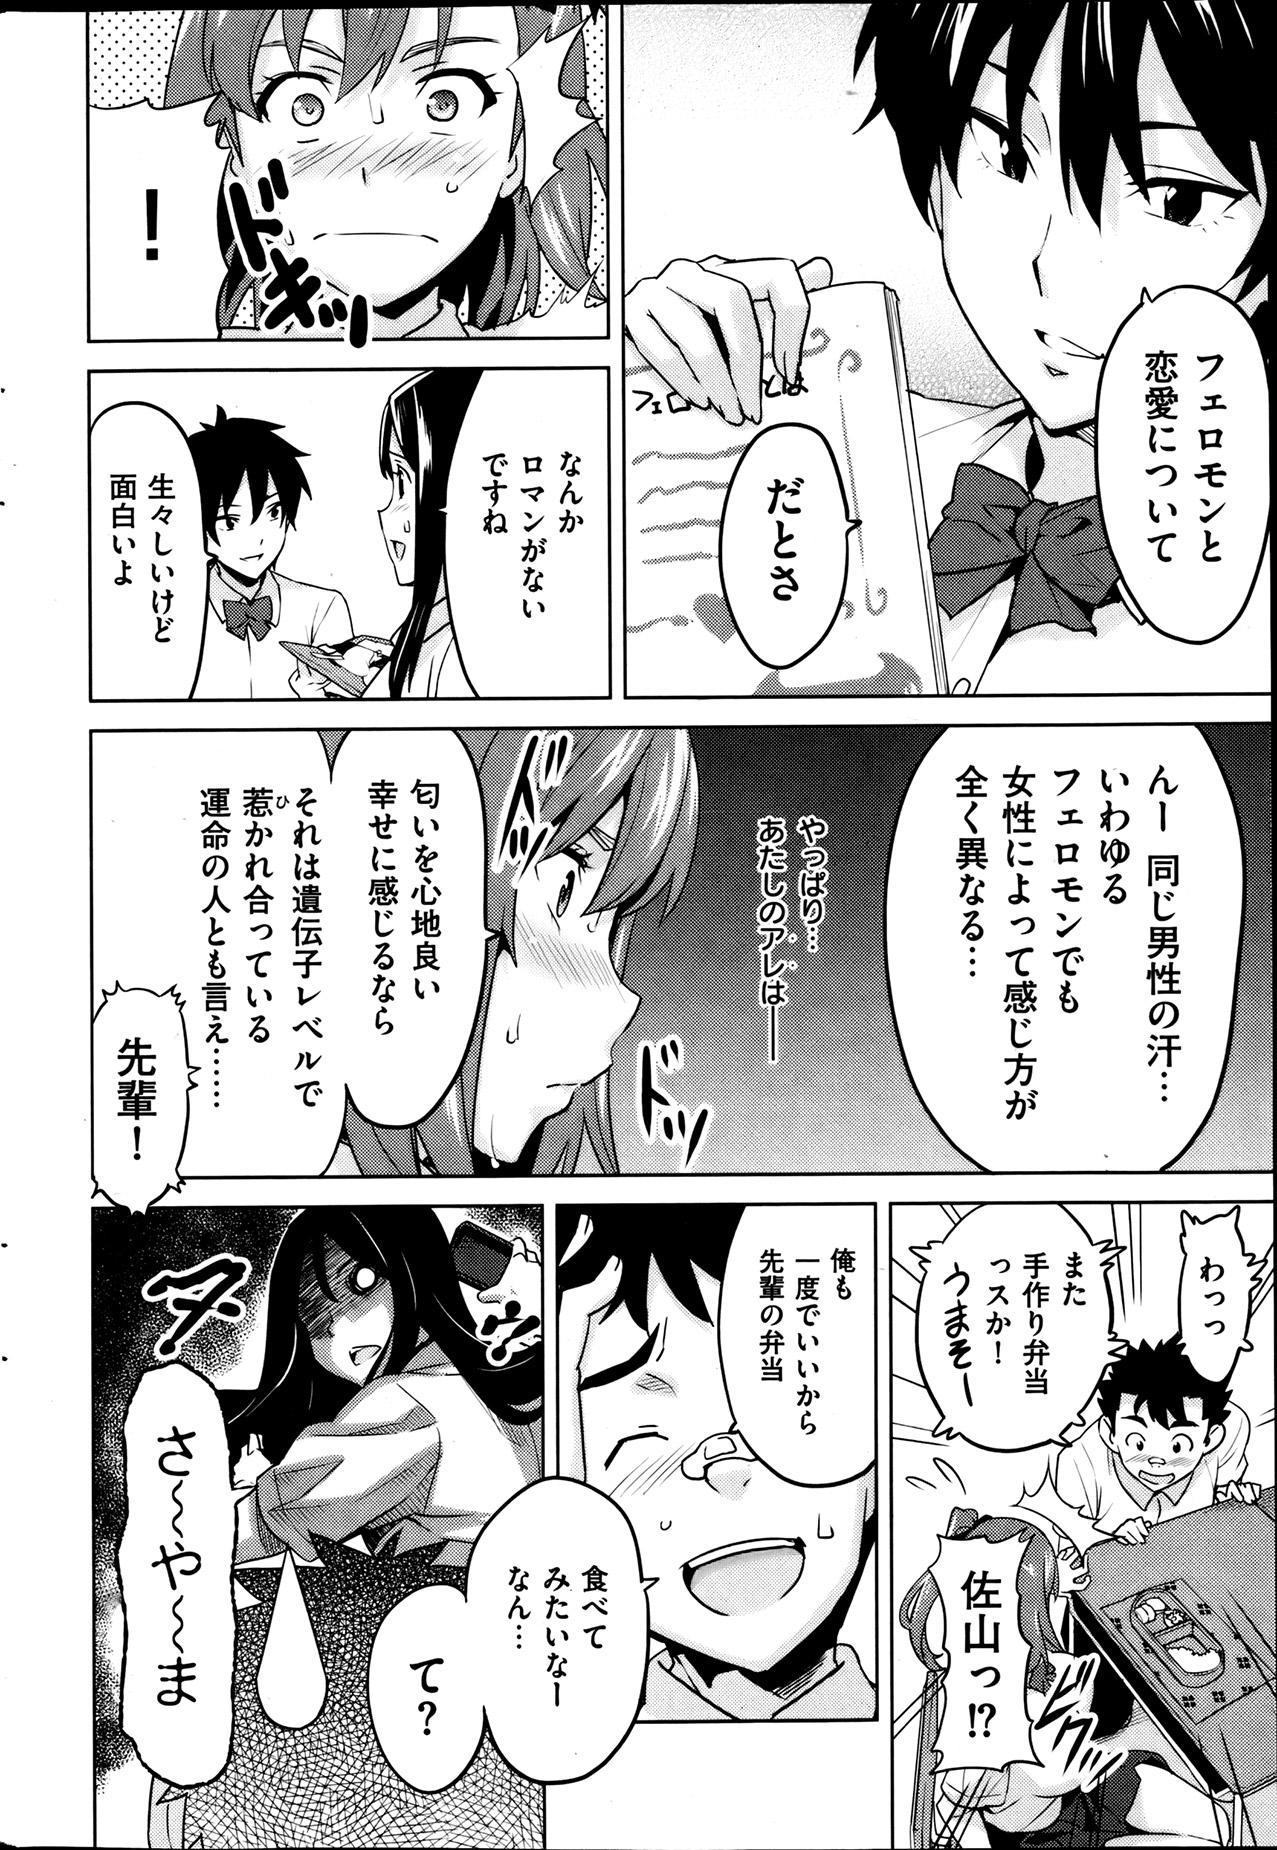 COMIC HANA-MAN 2013-08 Takeda Hiromitsu Tokushuu 31